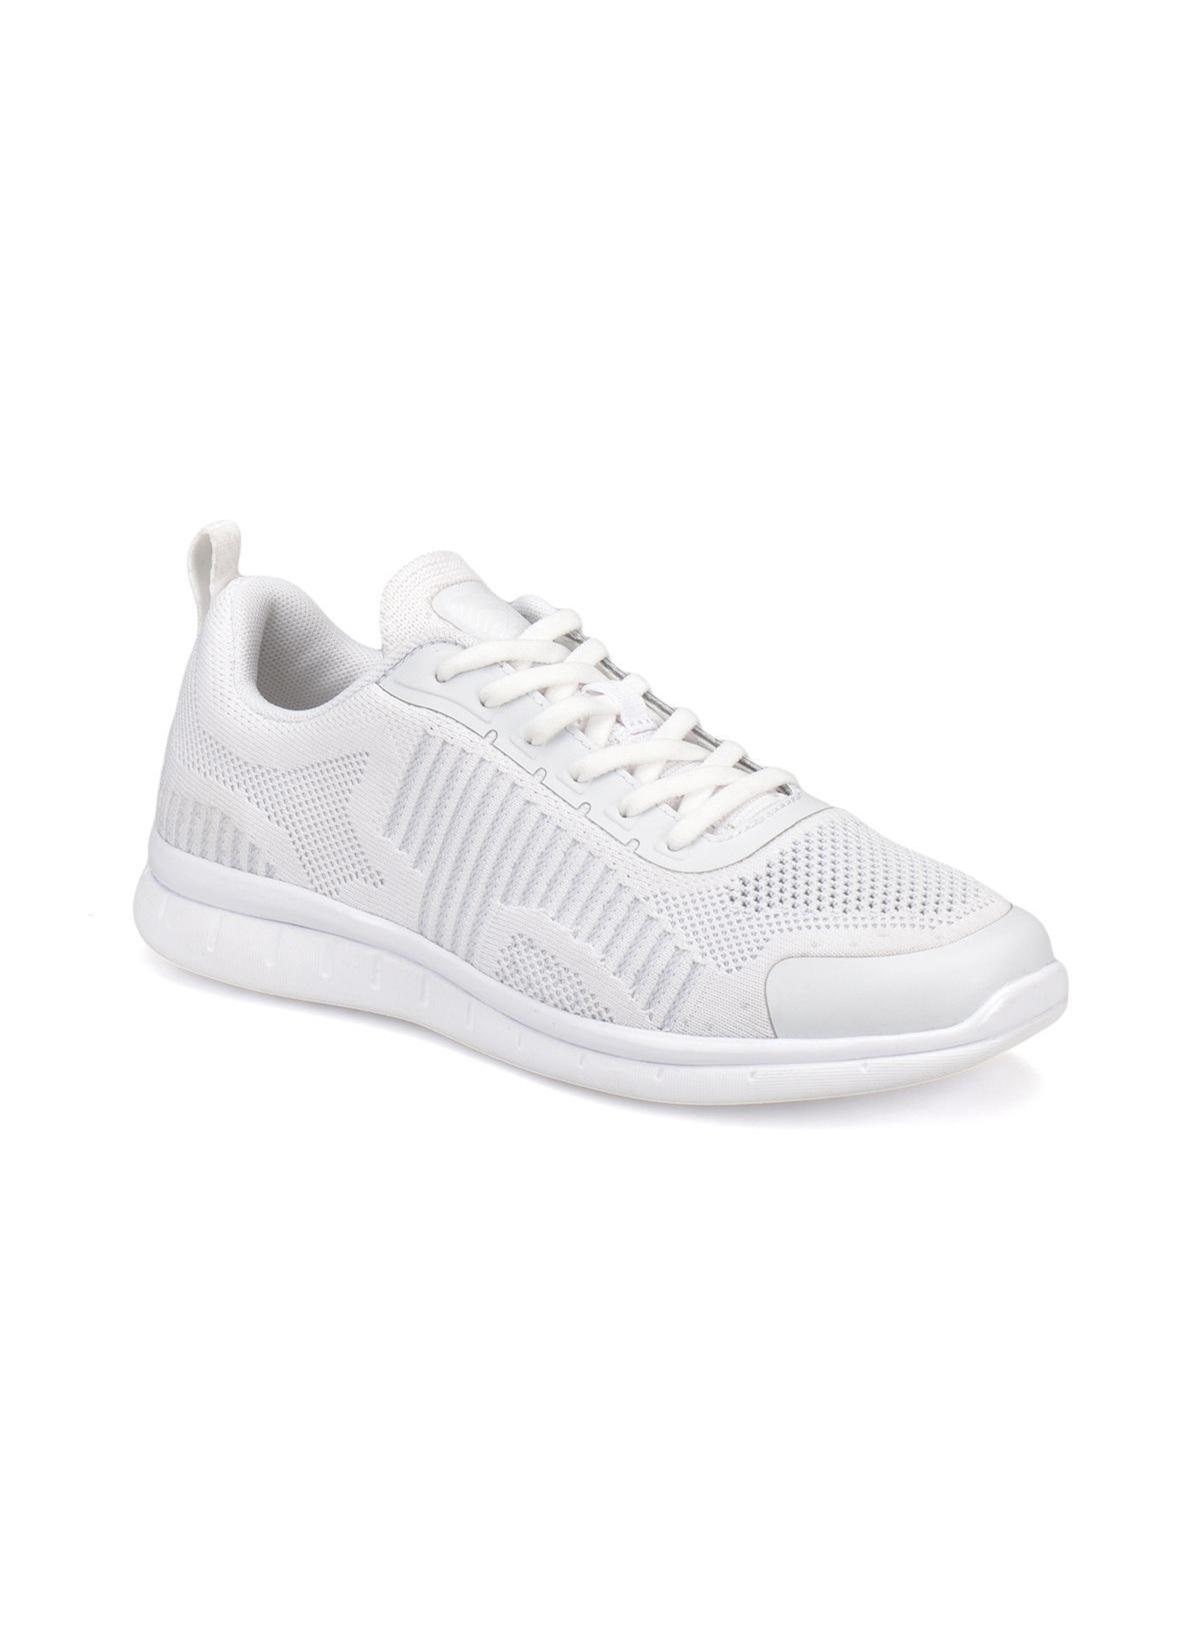 Kinetix Sneakers Ultrasoft W Spor Ayakkabı – 169.99 TL